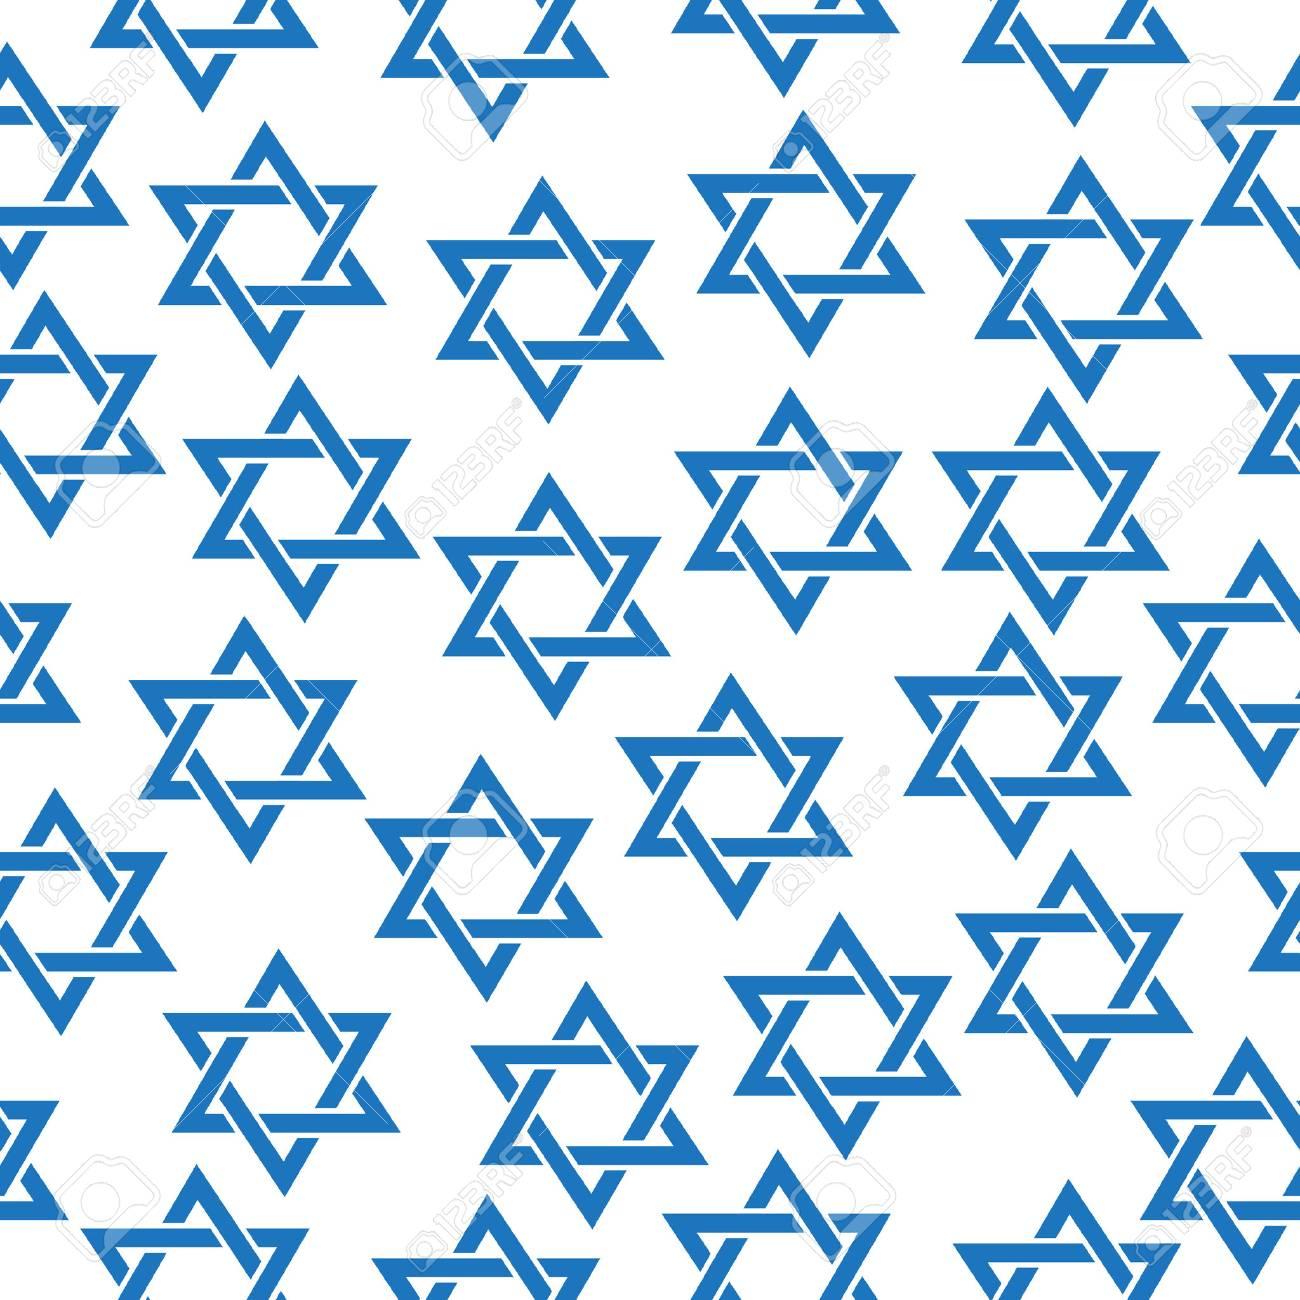 Seamless pattern of the Star of David. Simfol Jewish Star of David pattern, texture